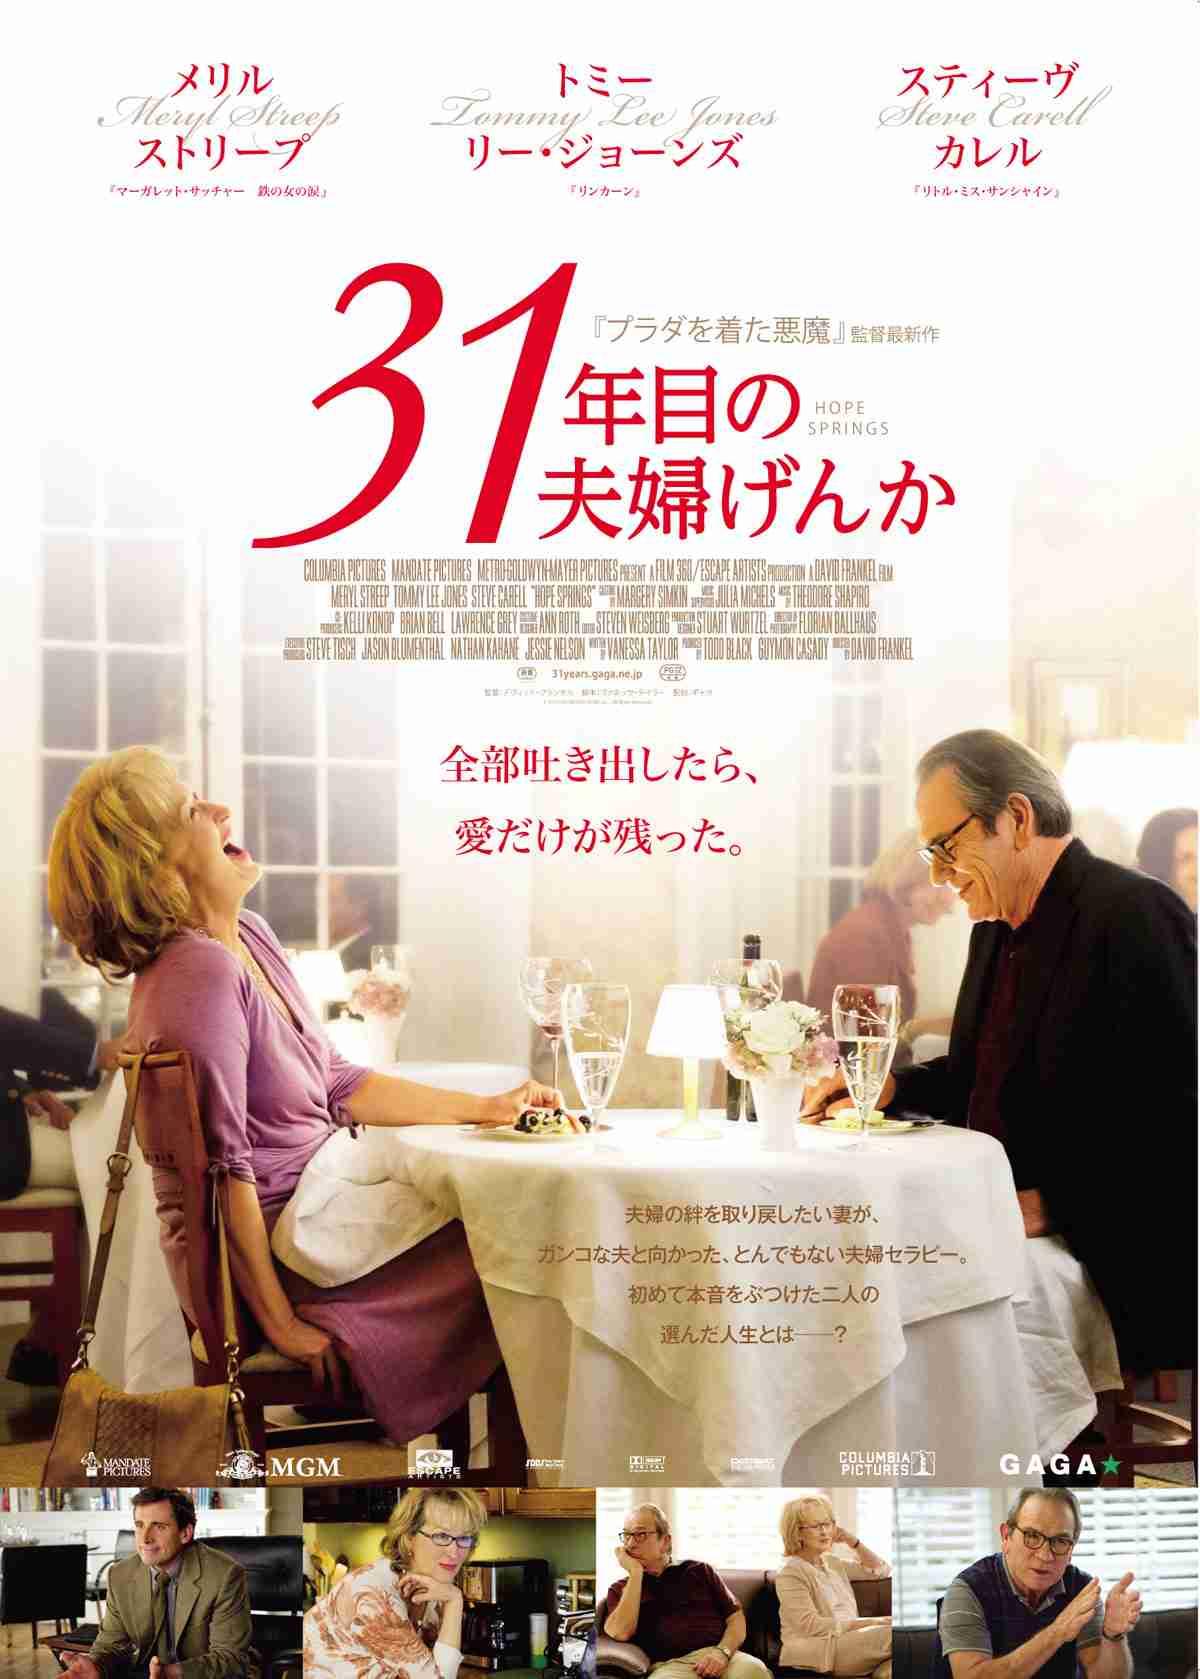 31年目の夫婦げんか - 作品 - Yahoo!映画